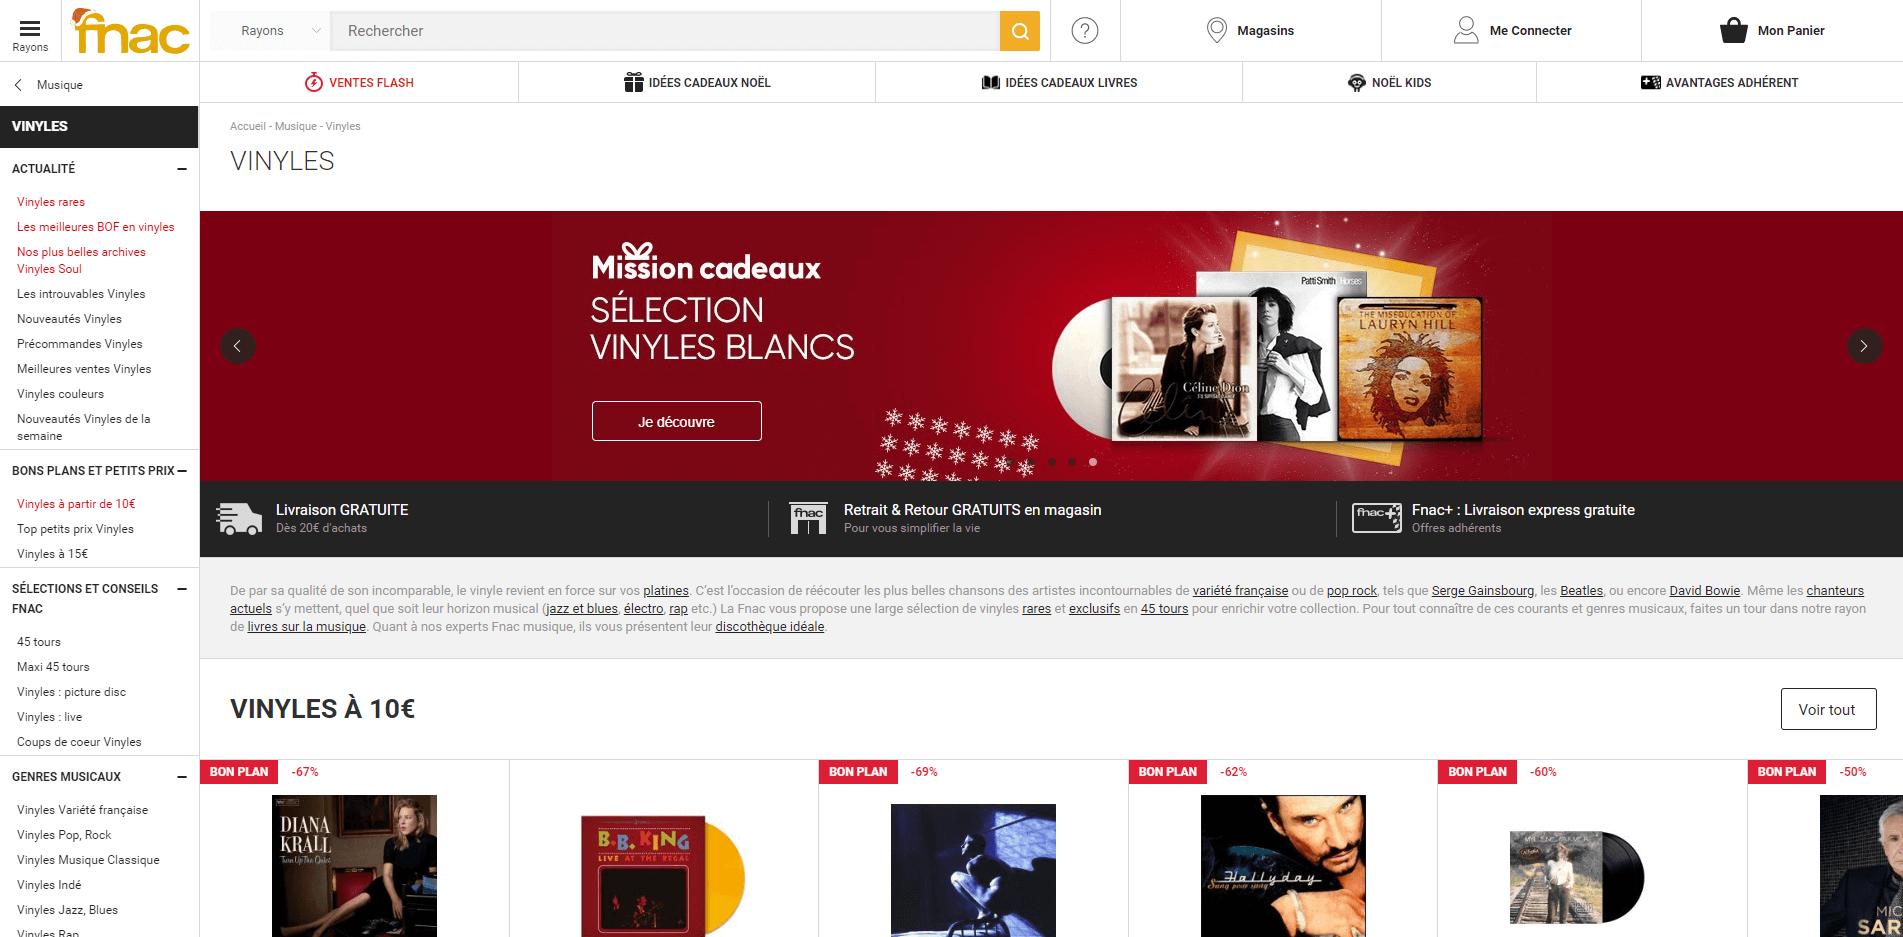 Où Acheter Des Vinyles En Ligne ? Mon Top 3 [Comparatif 2021] 6